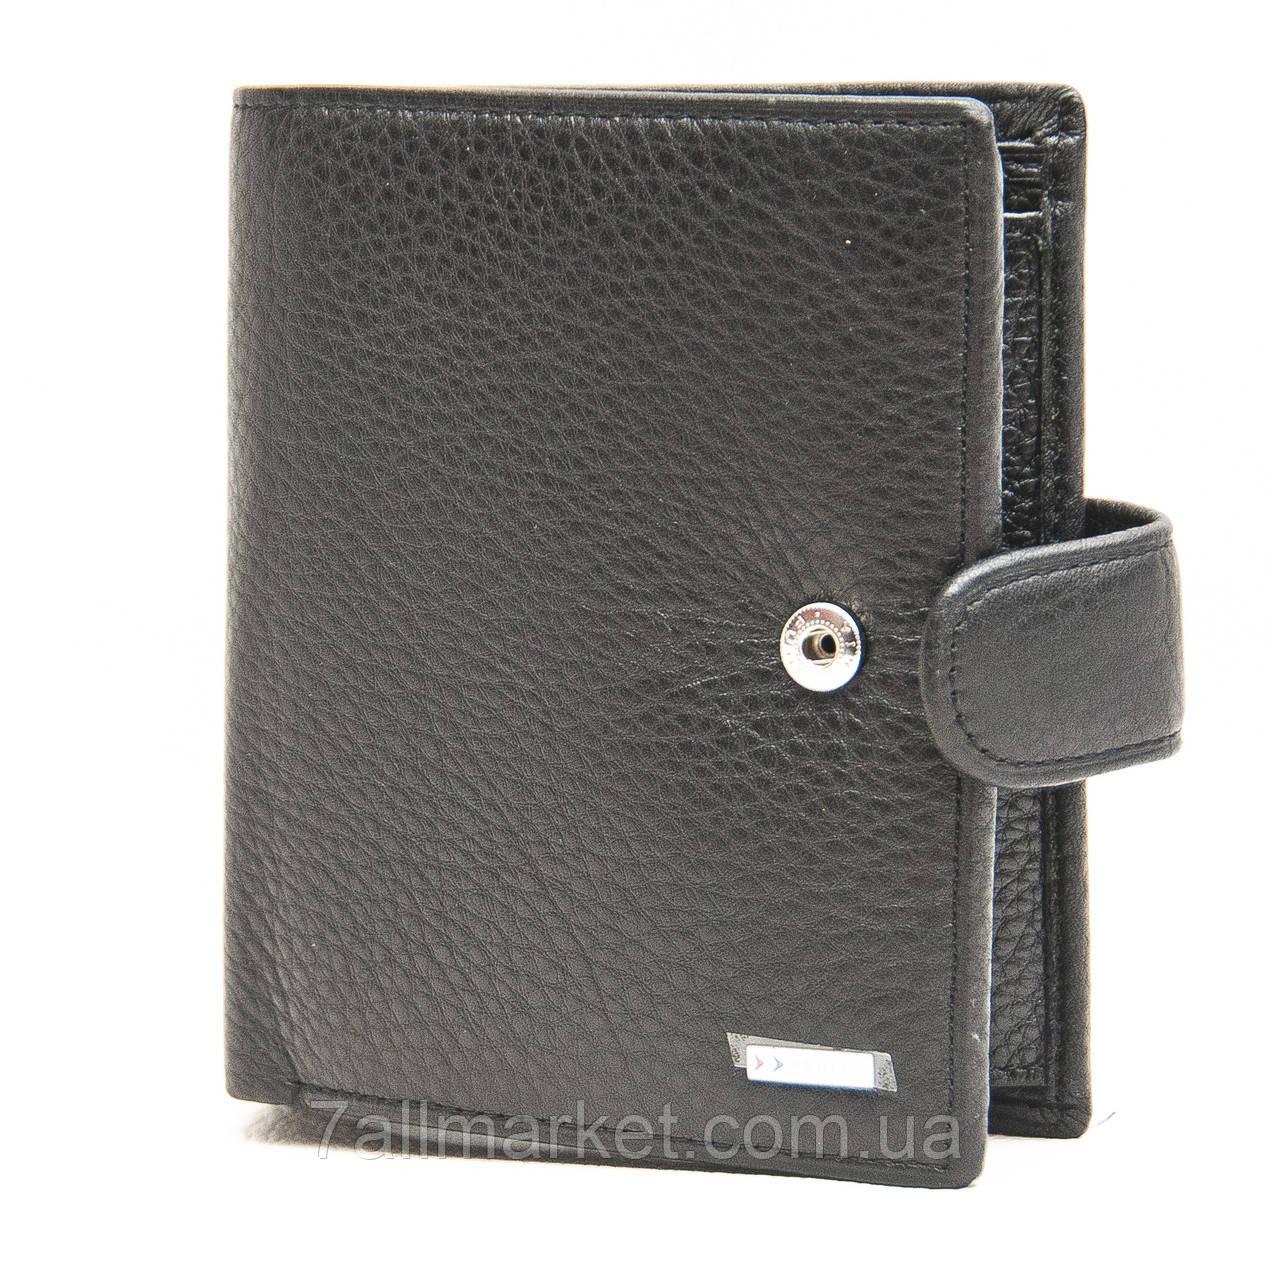 c4ef799c8d09 Бумажник мужской молодежный кожаный НОВИНКА(9,5*12 см)Серии